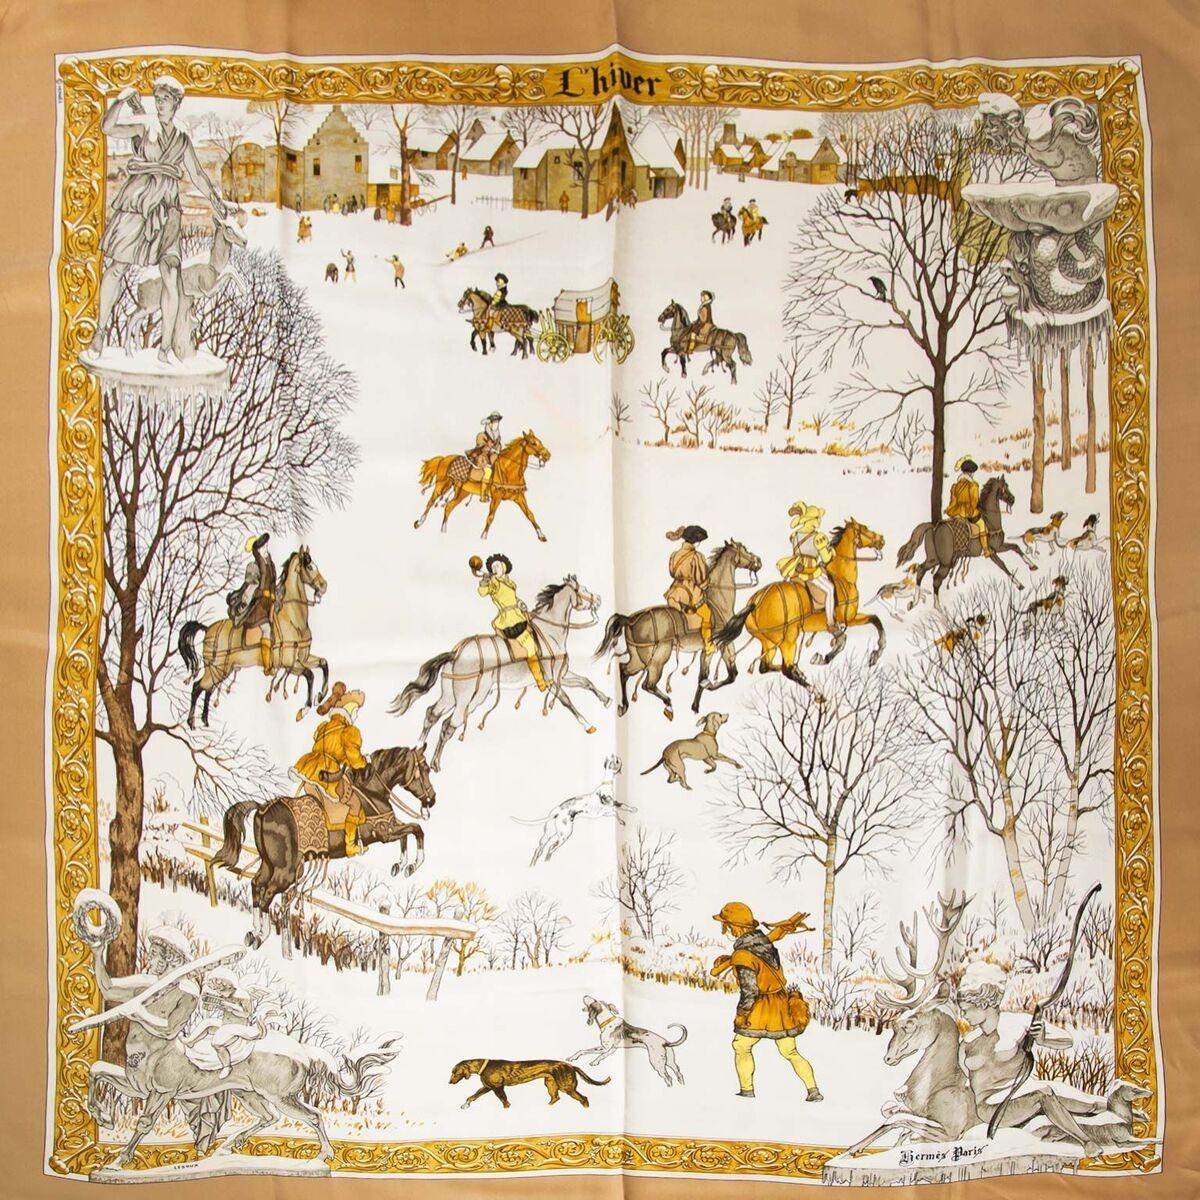 Koop authentieke tweedehands Hermes l'hiver carré aan een eerlijke prijs bij LabelLOV. Veilig online shoppen.